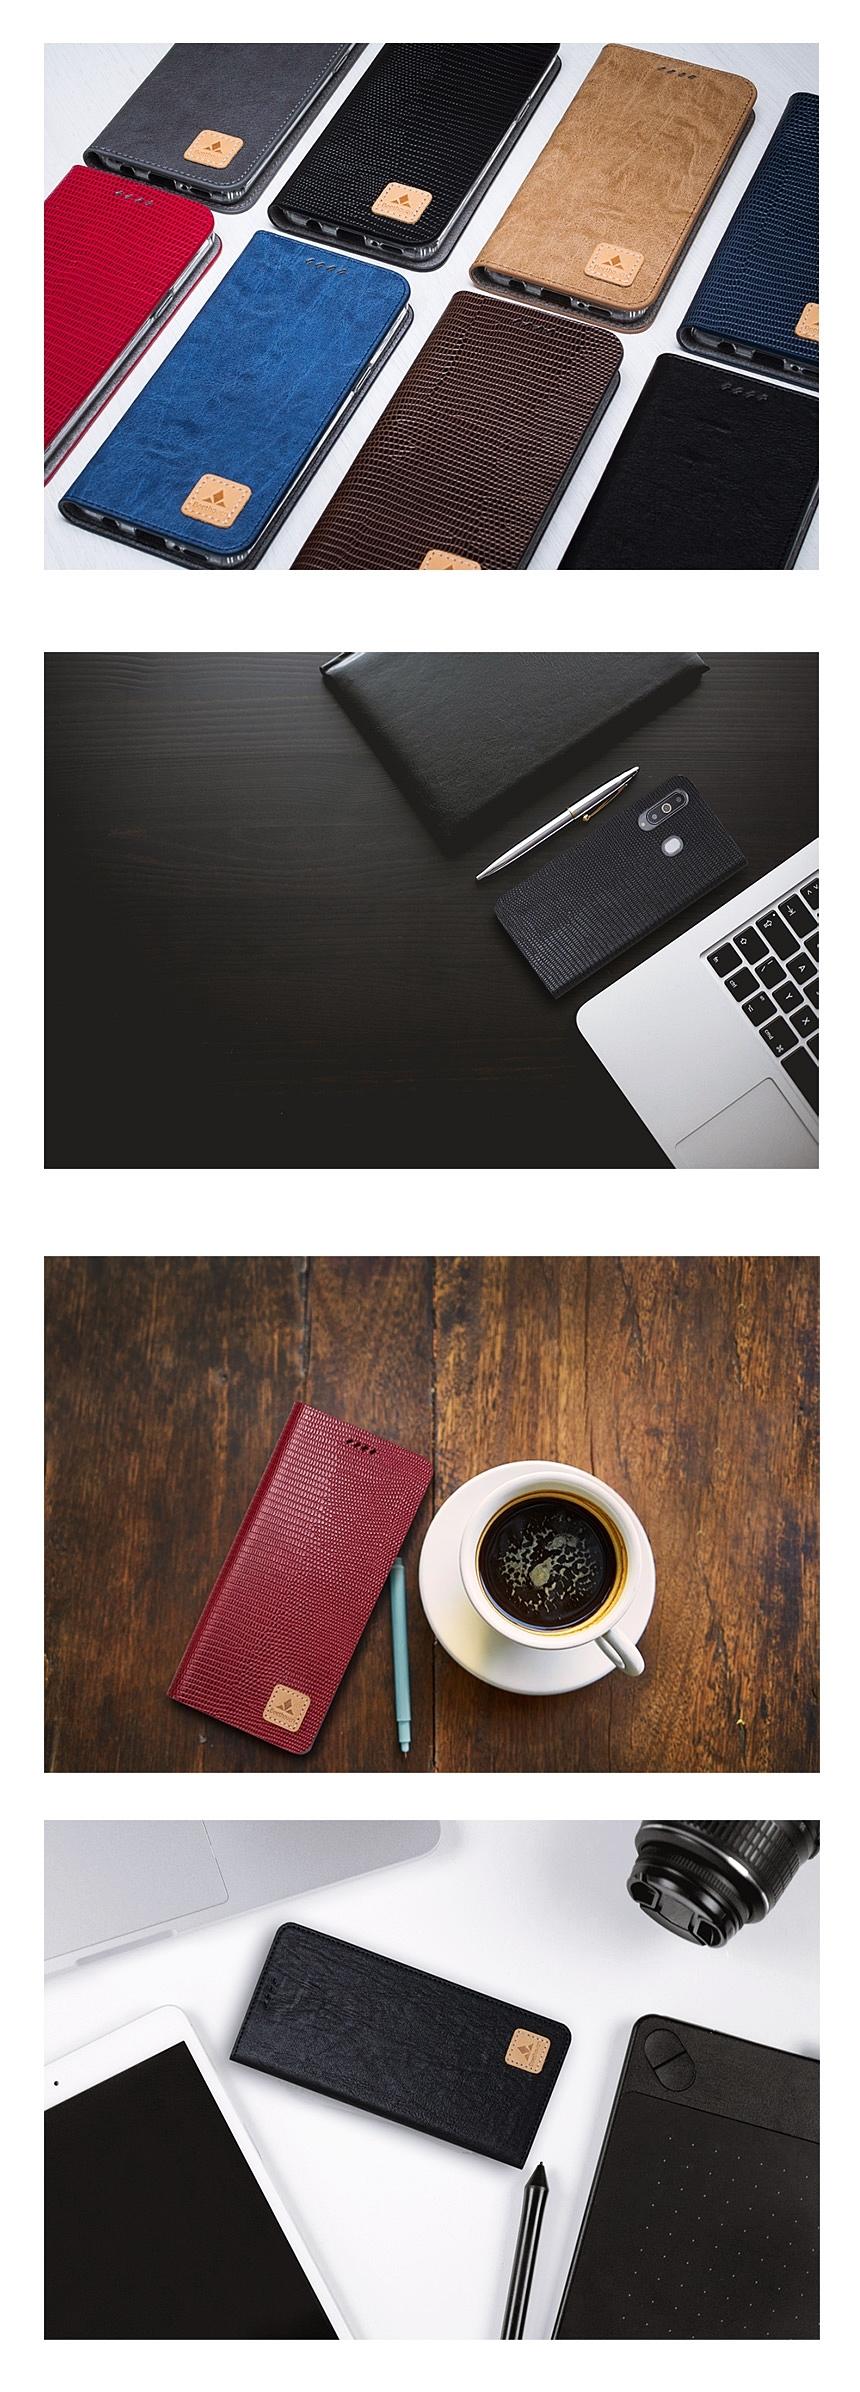 베토벤 갤럭시 A9 pro 천연가죽 케이스 도어락해제기능 G997 - 베토벤, 31,500원, 케이스, 기타 갤럭시 제품